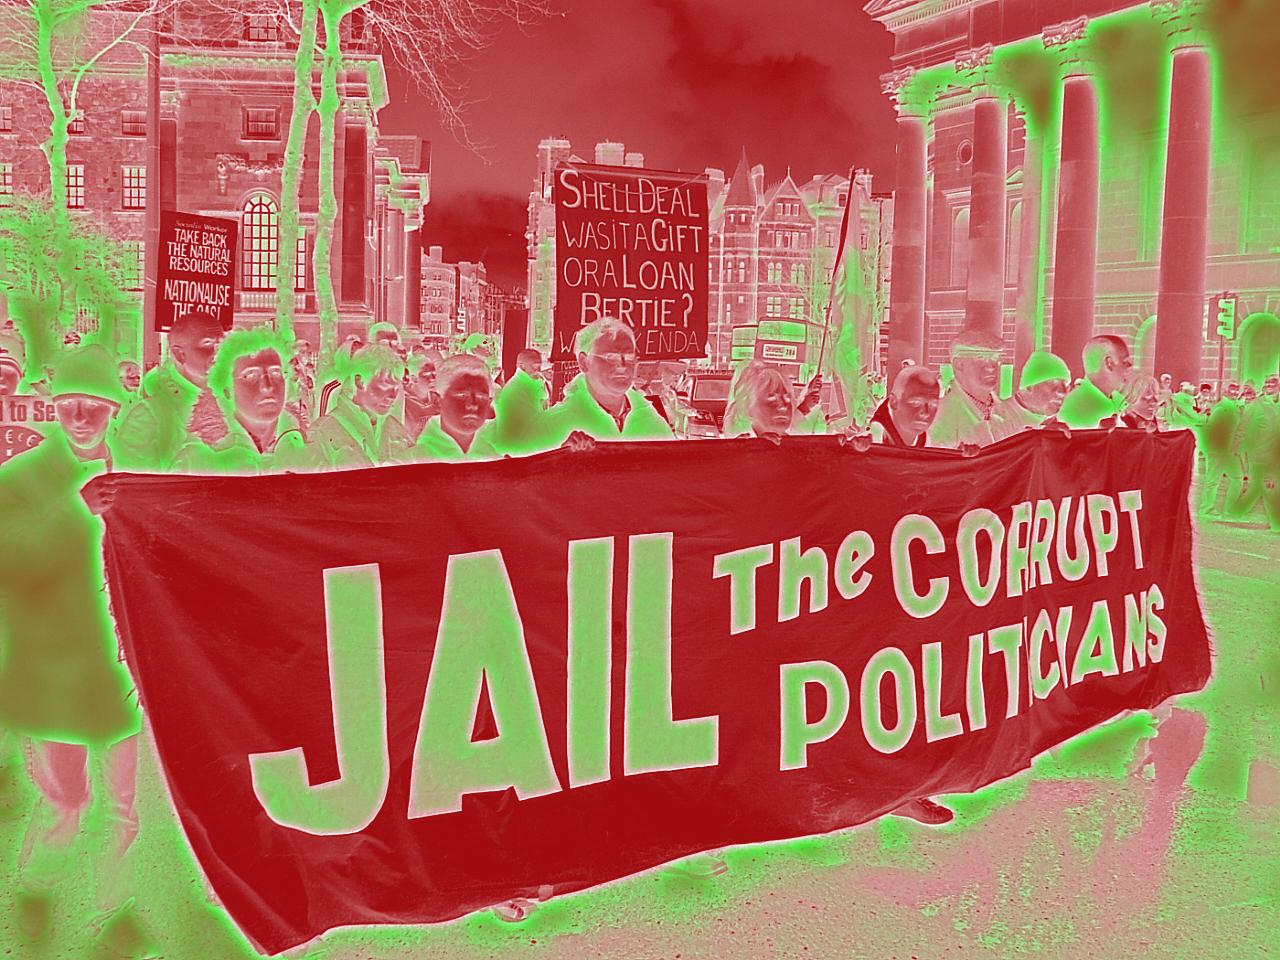 jail_the_corrupt_politicians